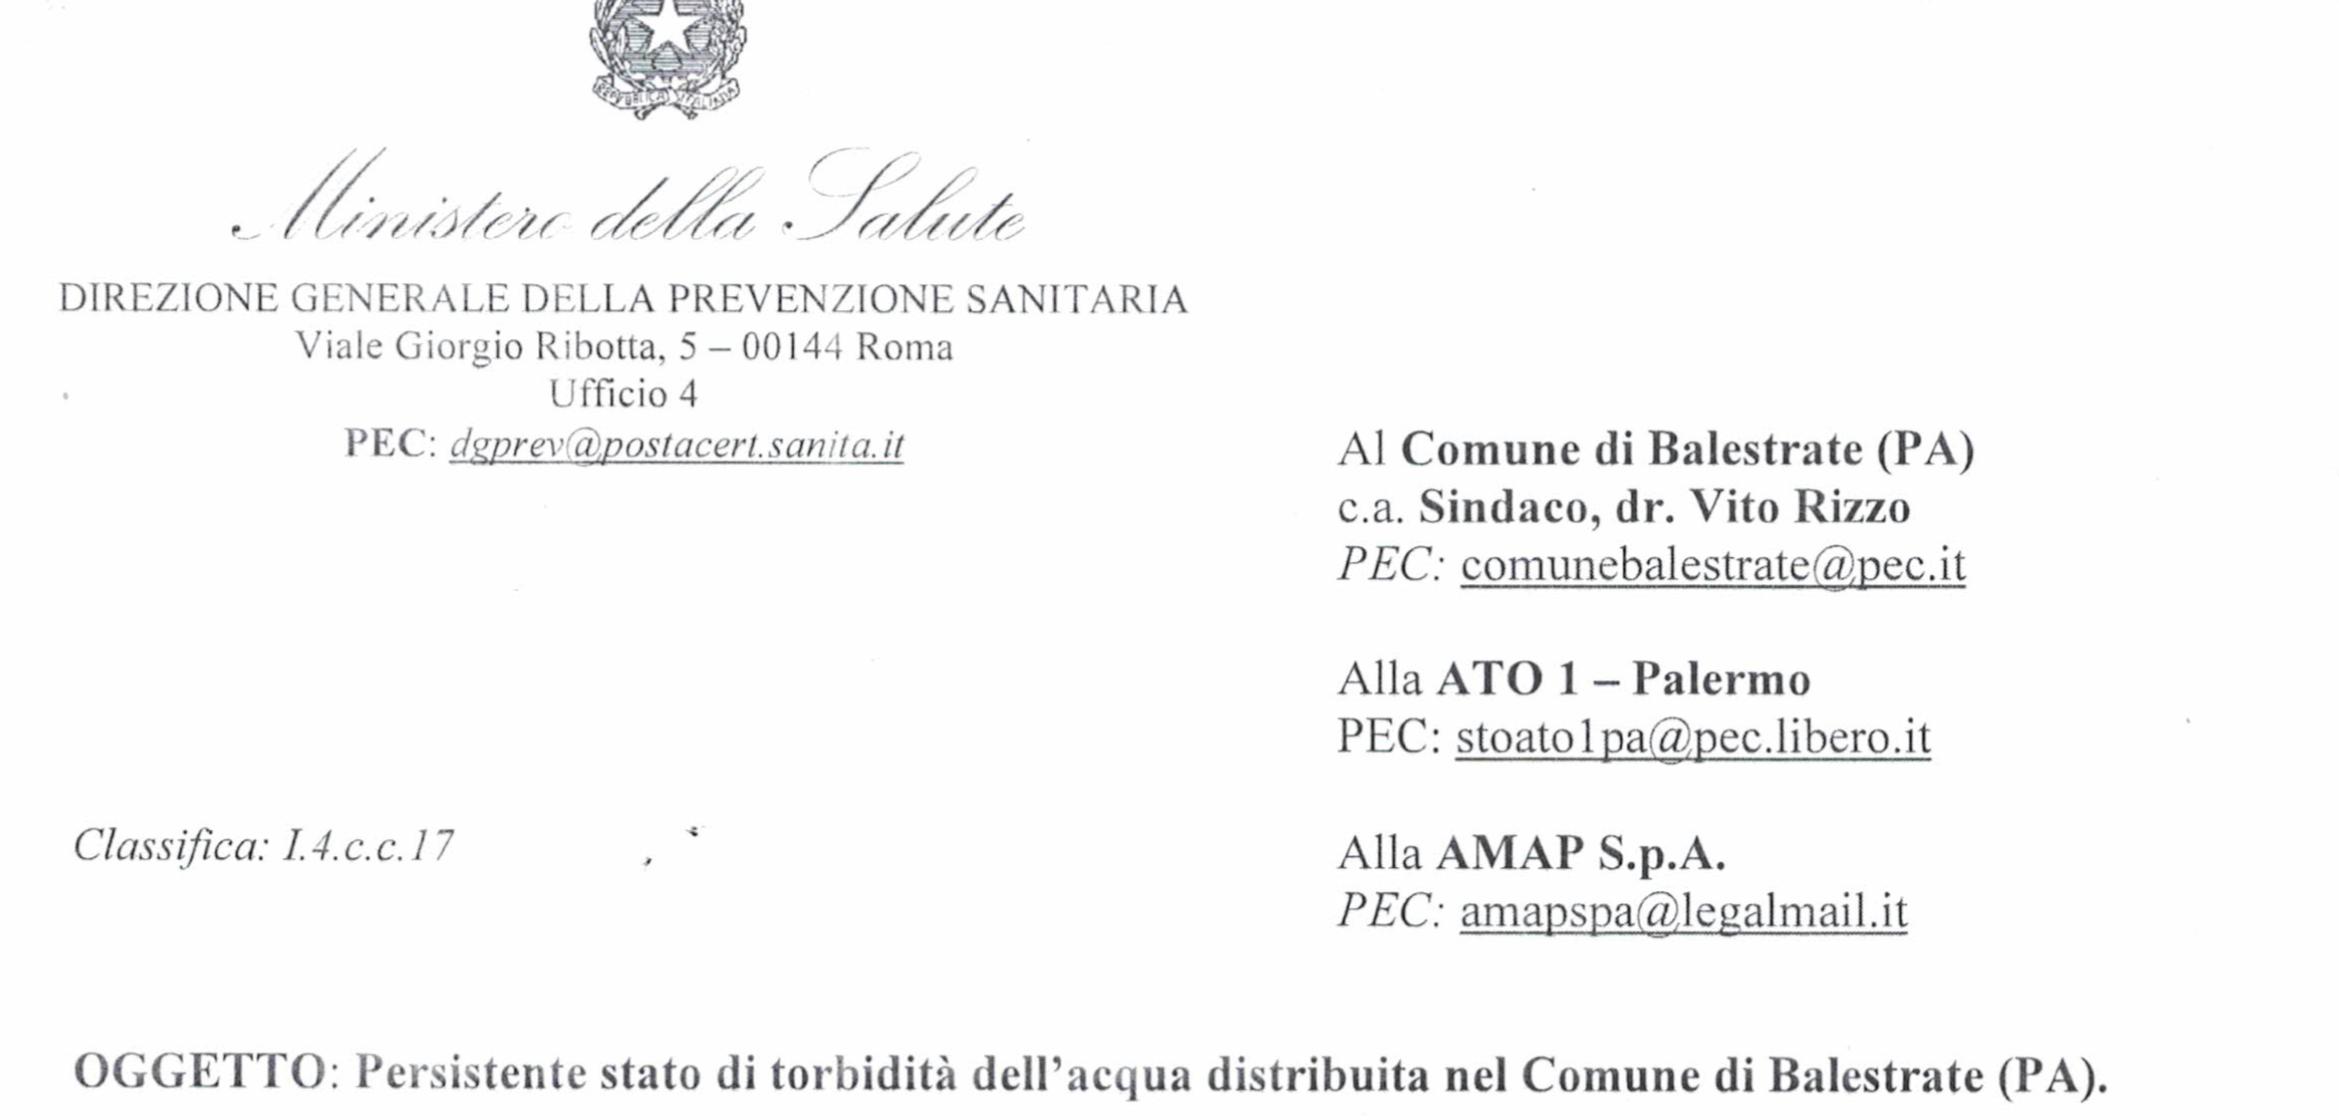 """ESCLUSIVA: Il ministero scrive al Comune di Balestrate: """"Acqua torbida, l'Amap intervenga o sia sanzionata. Pericoli per la salute"""""""